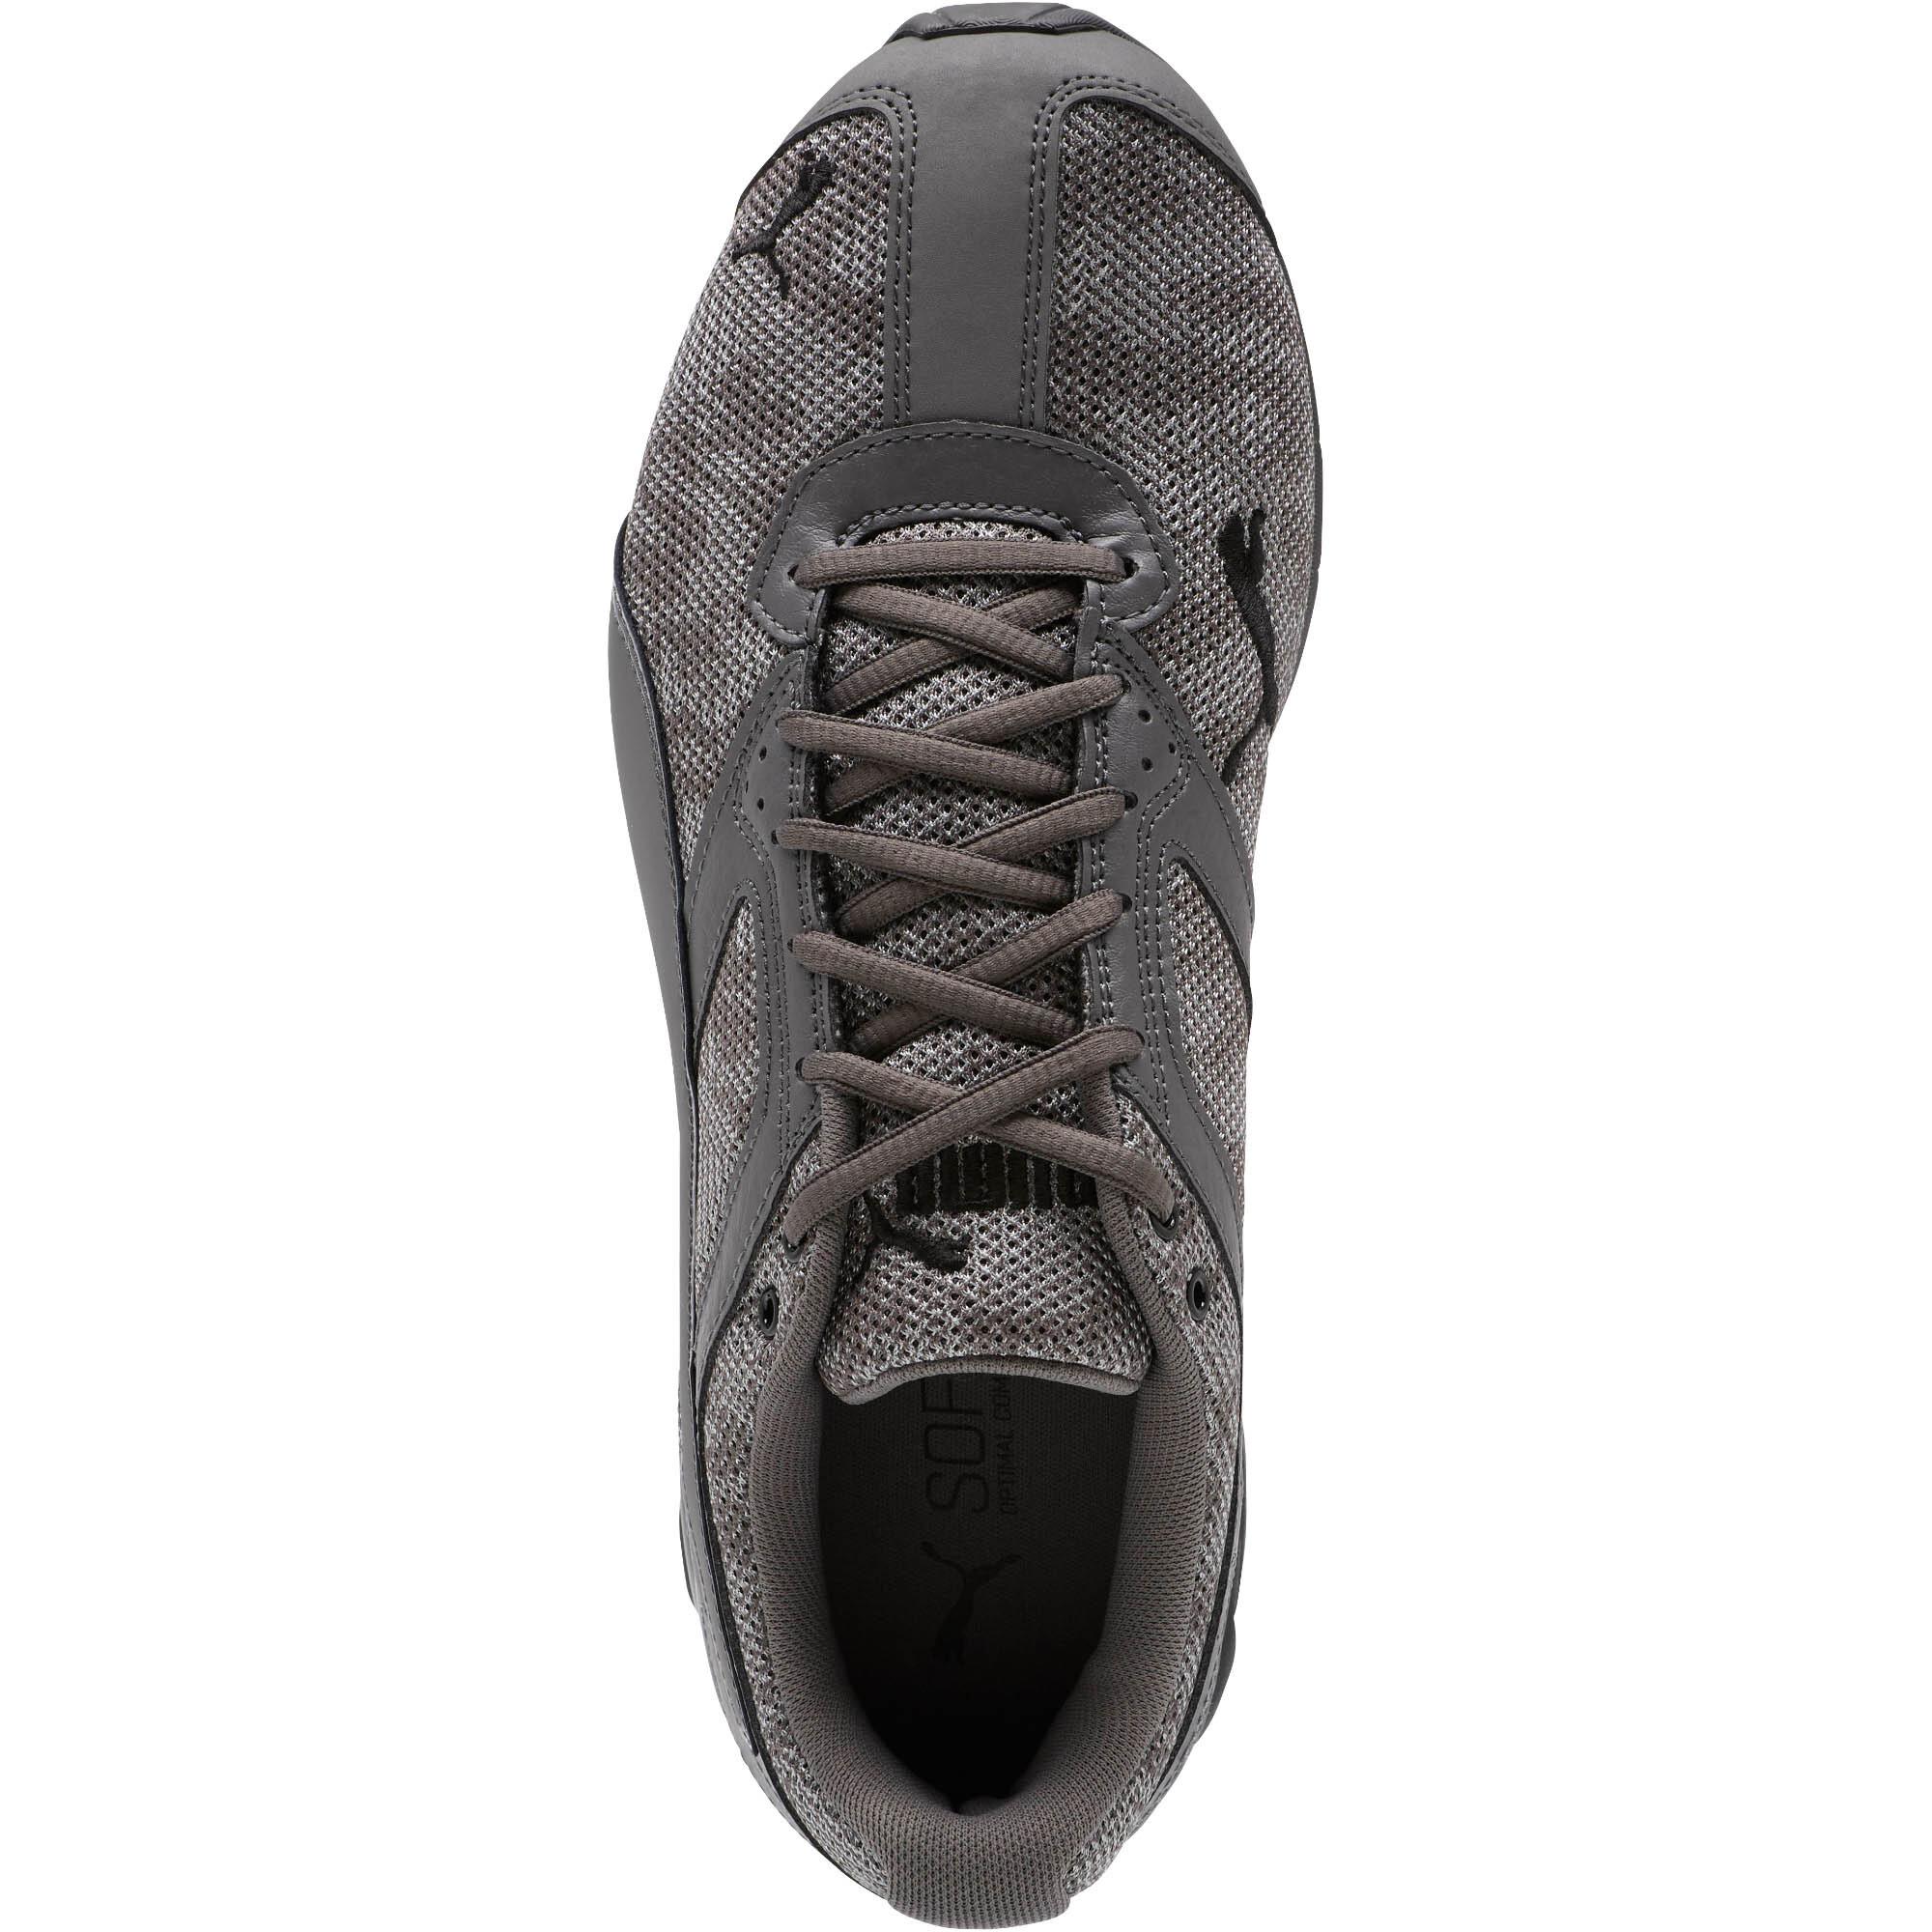 Puma-Tazon-6-Camo-Mesh-Scarpe-da-ginnastica-Uomo-scarpa-in-esecuzione miniatura 11